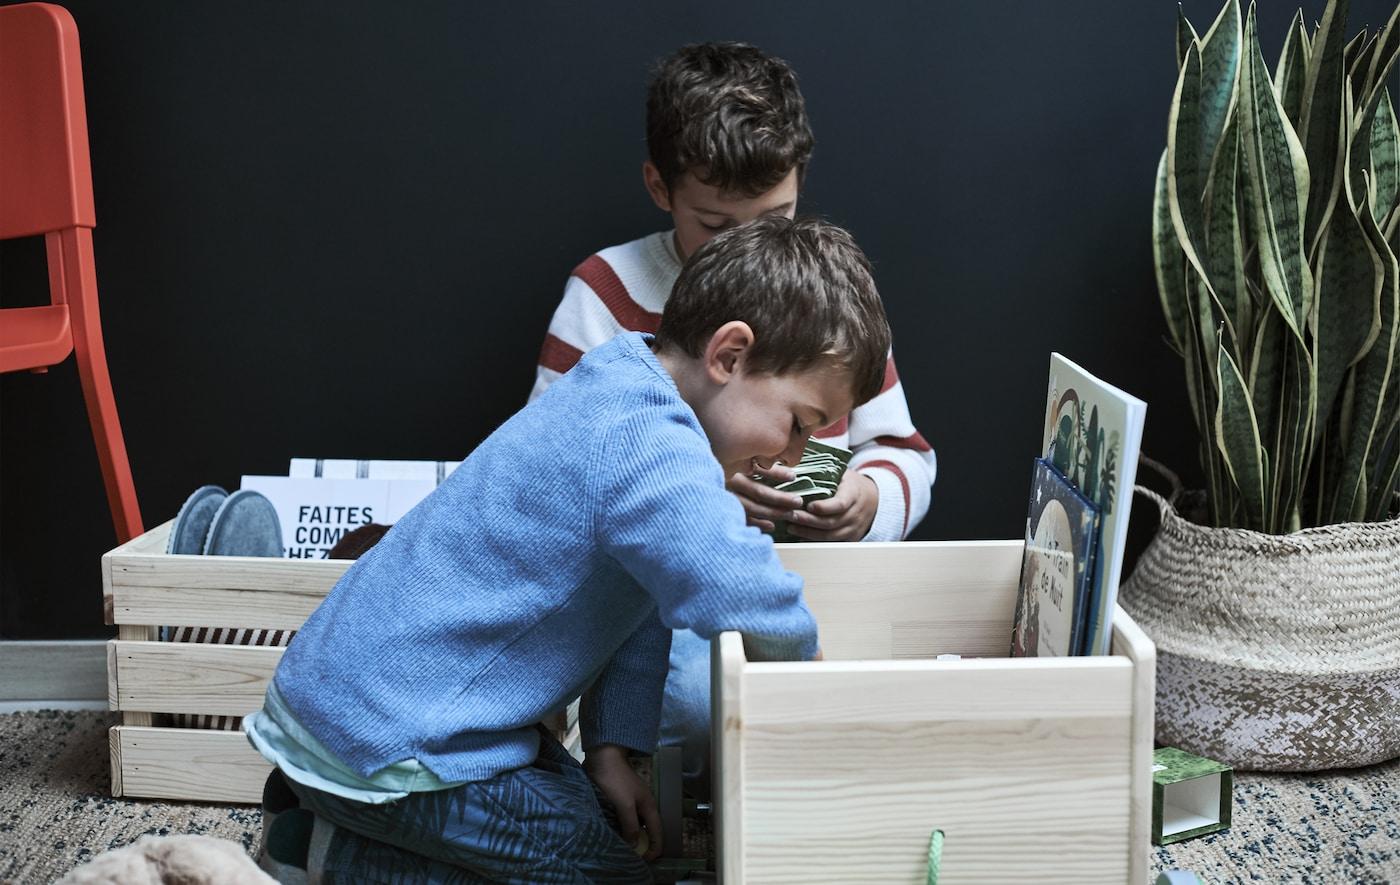 Dva dječaka gledaju u drvenu kutiju sa sadržajem.